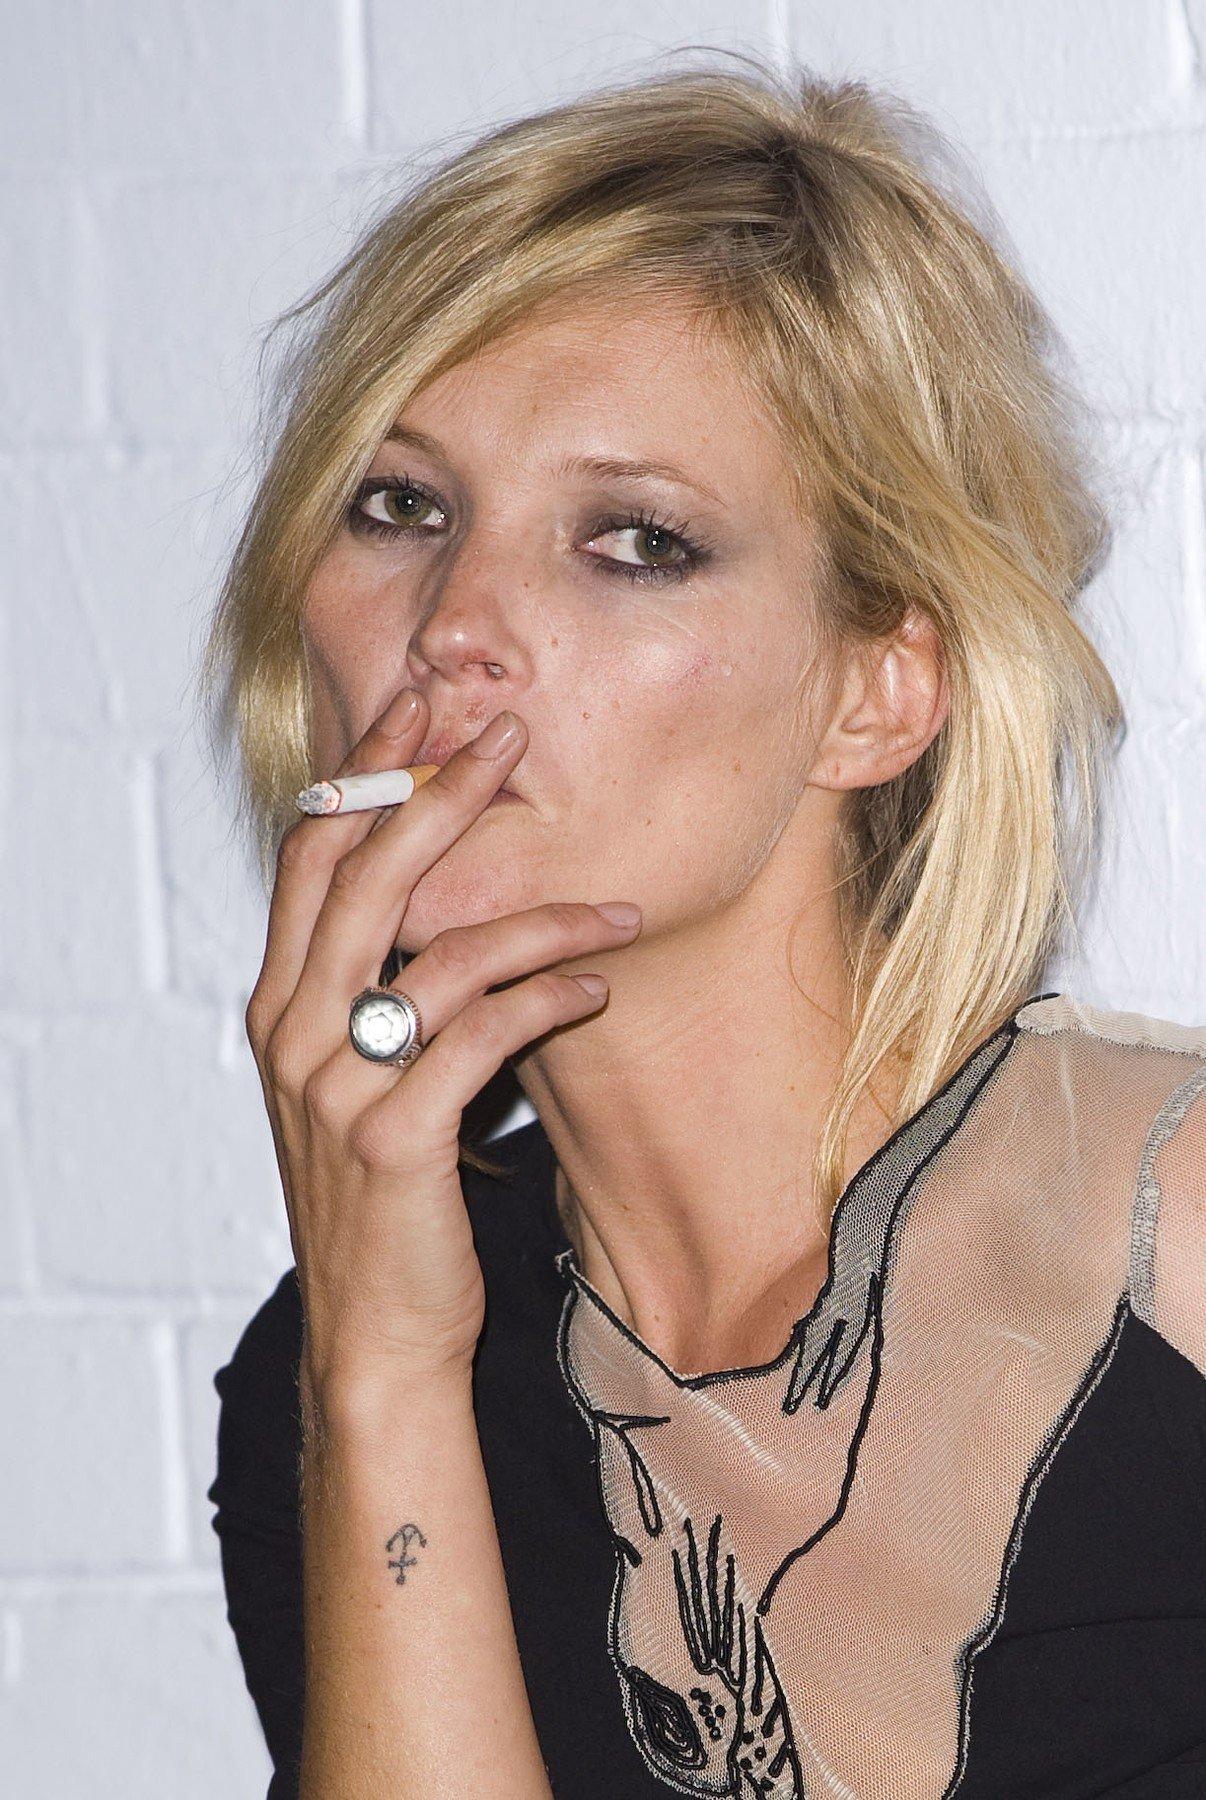 Obrázky kouření celebrit